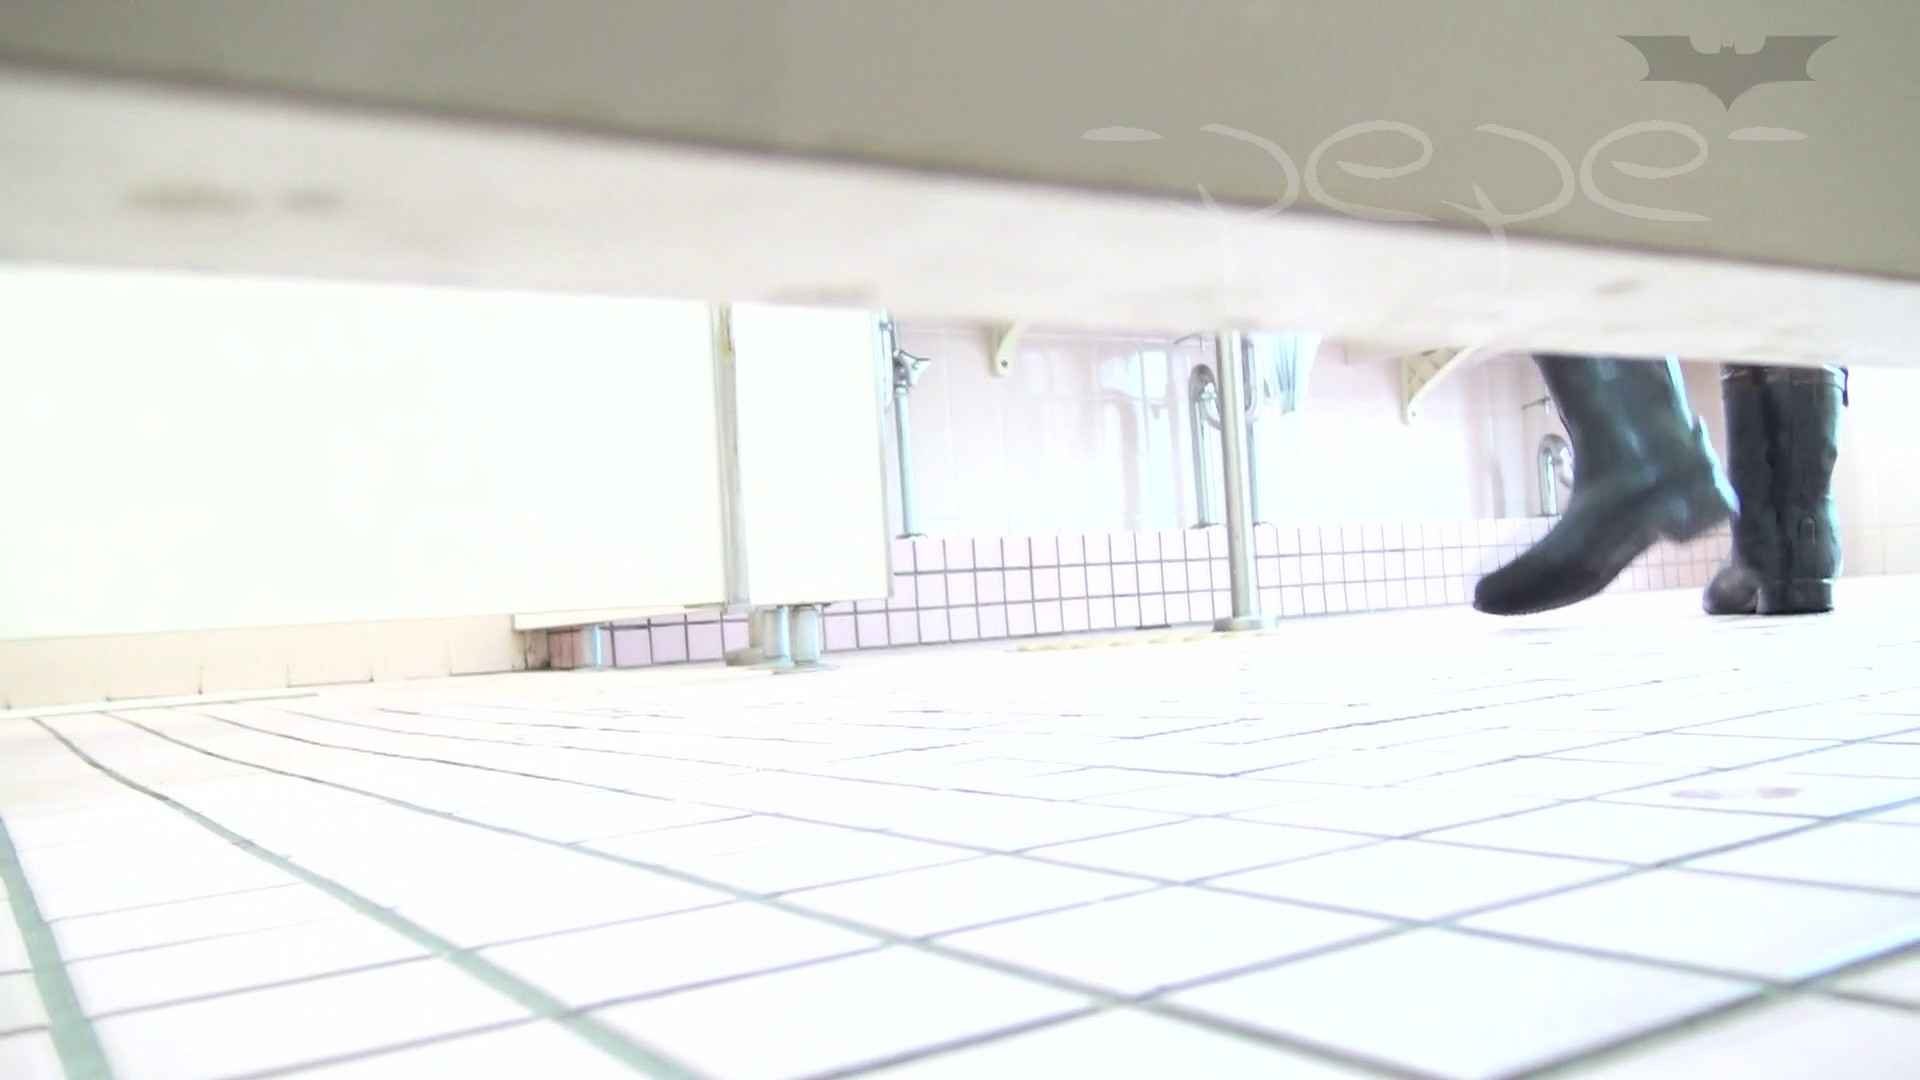 お姉さんからギャルまで… 期間限定神キタ!ツルピカの放nyo!Vol.19 名作殿堂動画 ワレメ動画紹介 109枚 23